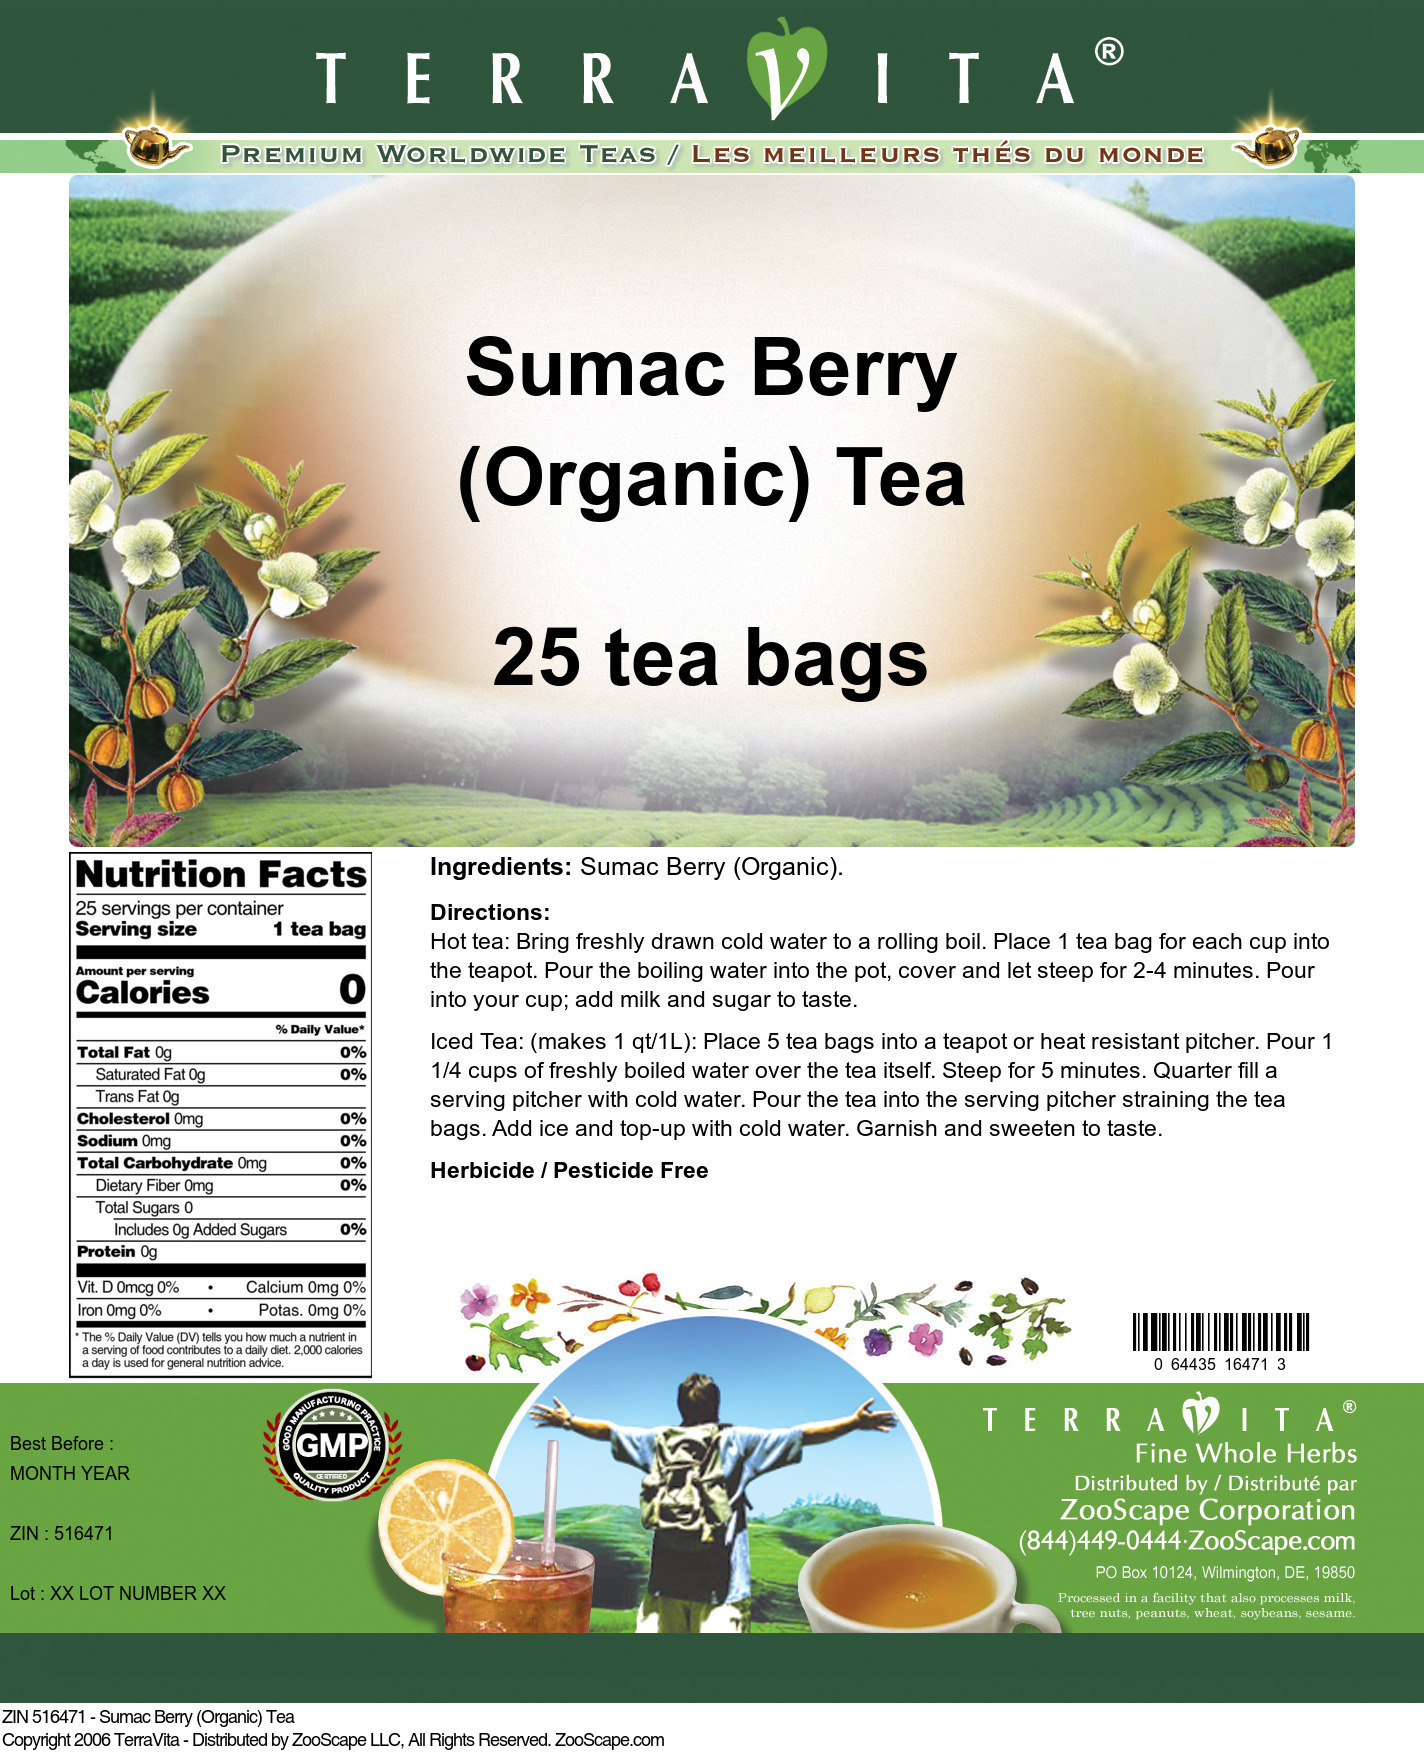 Sumac <BR>(Organic)